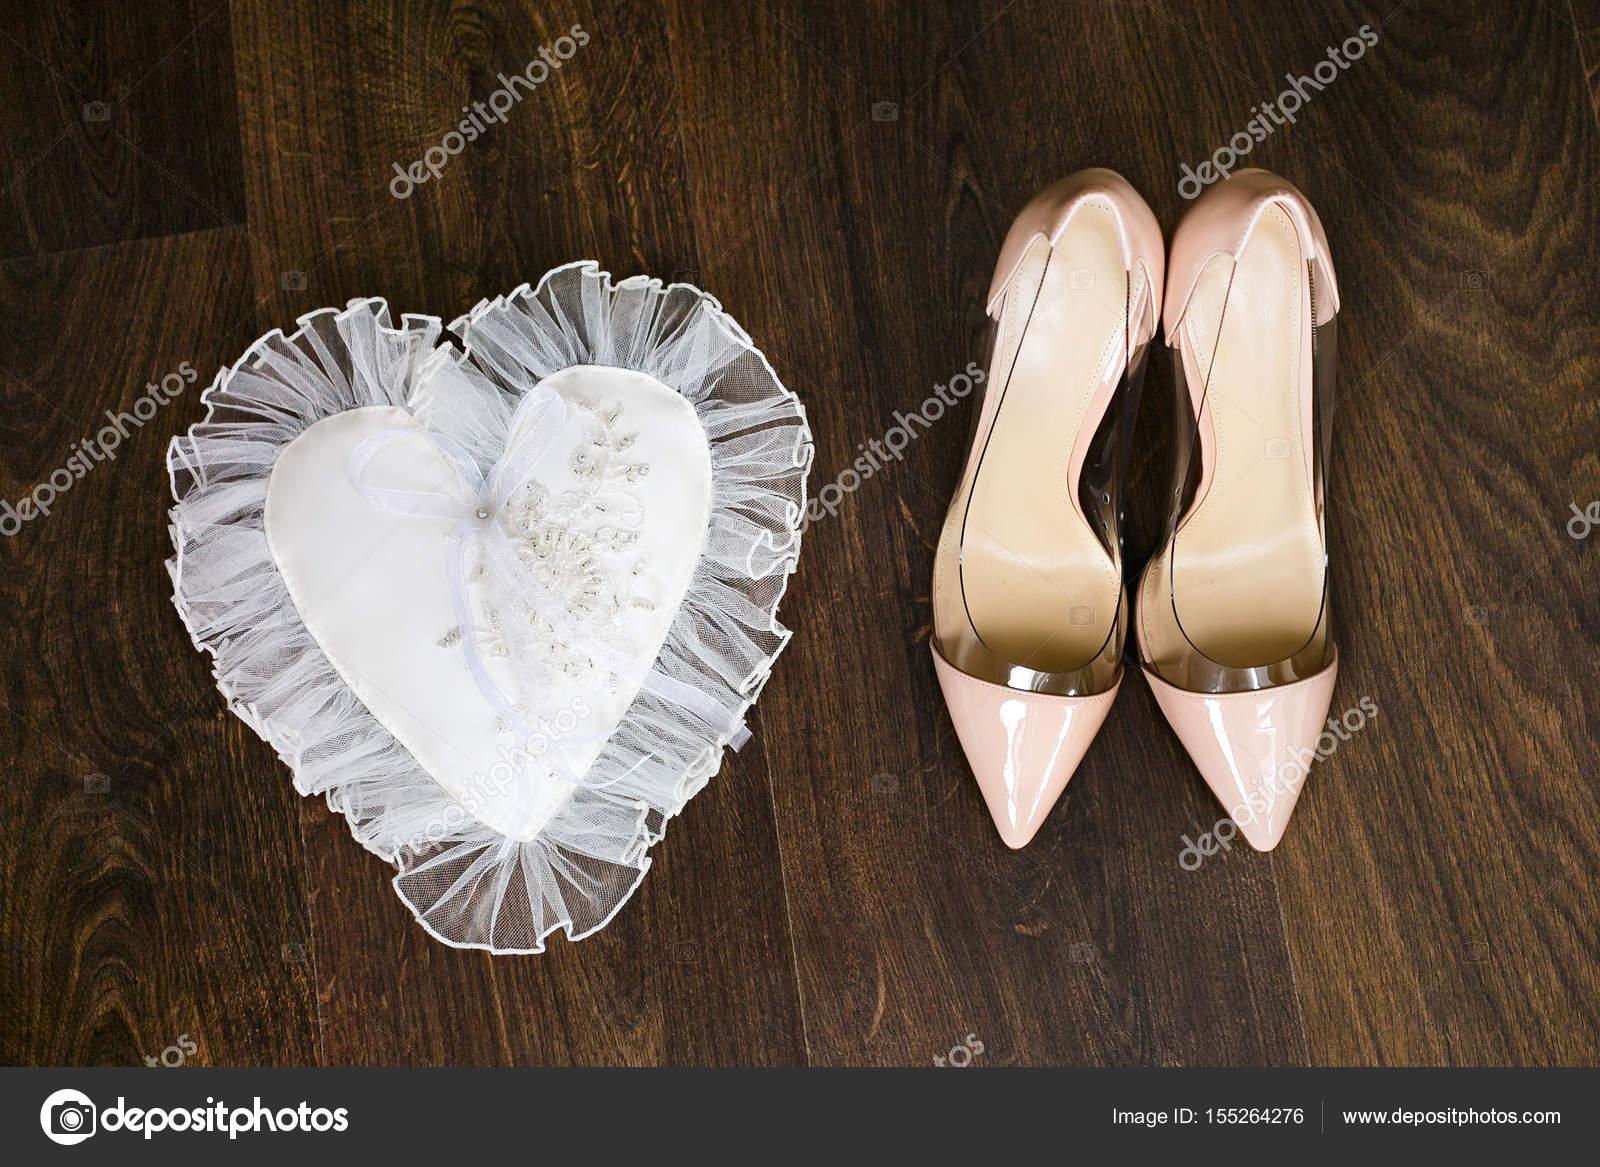 Beige mariage chaussures de mariée avec des talons hauts et bagues de mariage  or blanc décore oreiller. Vue de dessus \u2014 Image de stahov